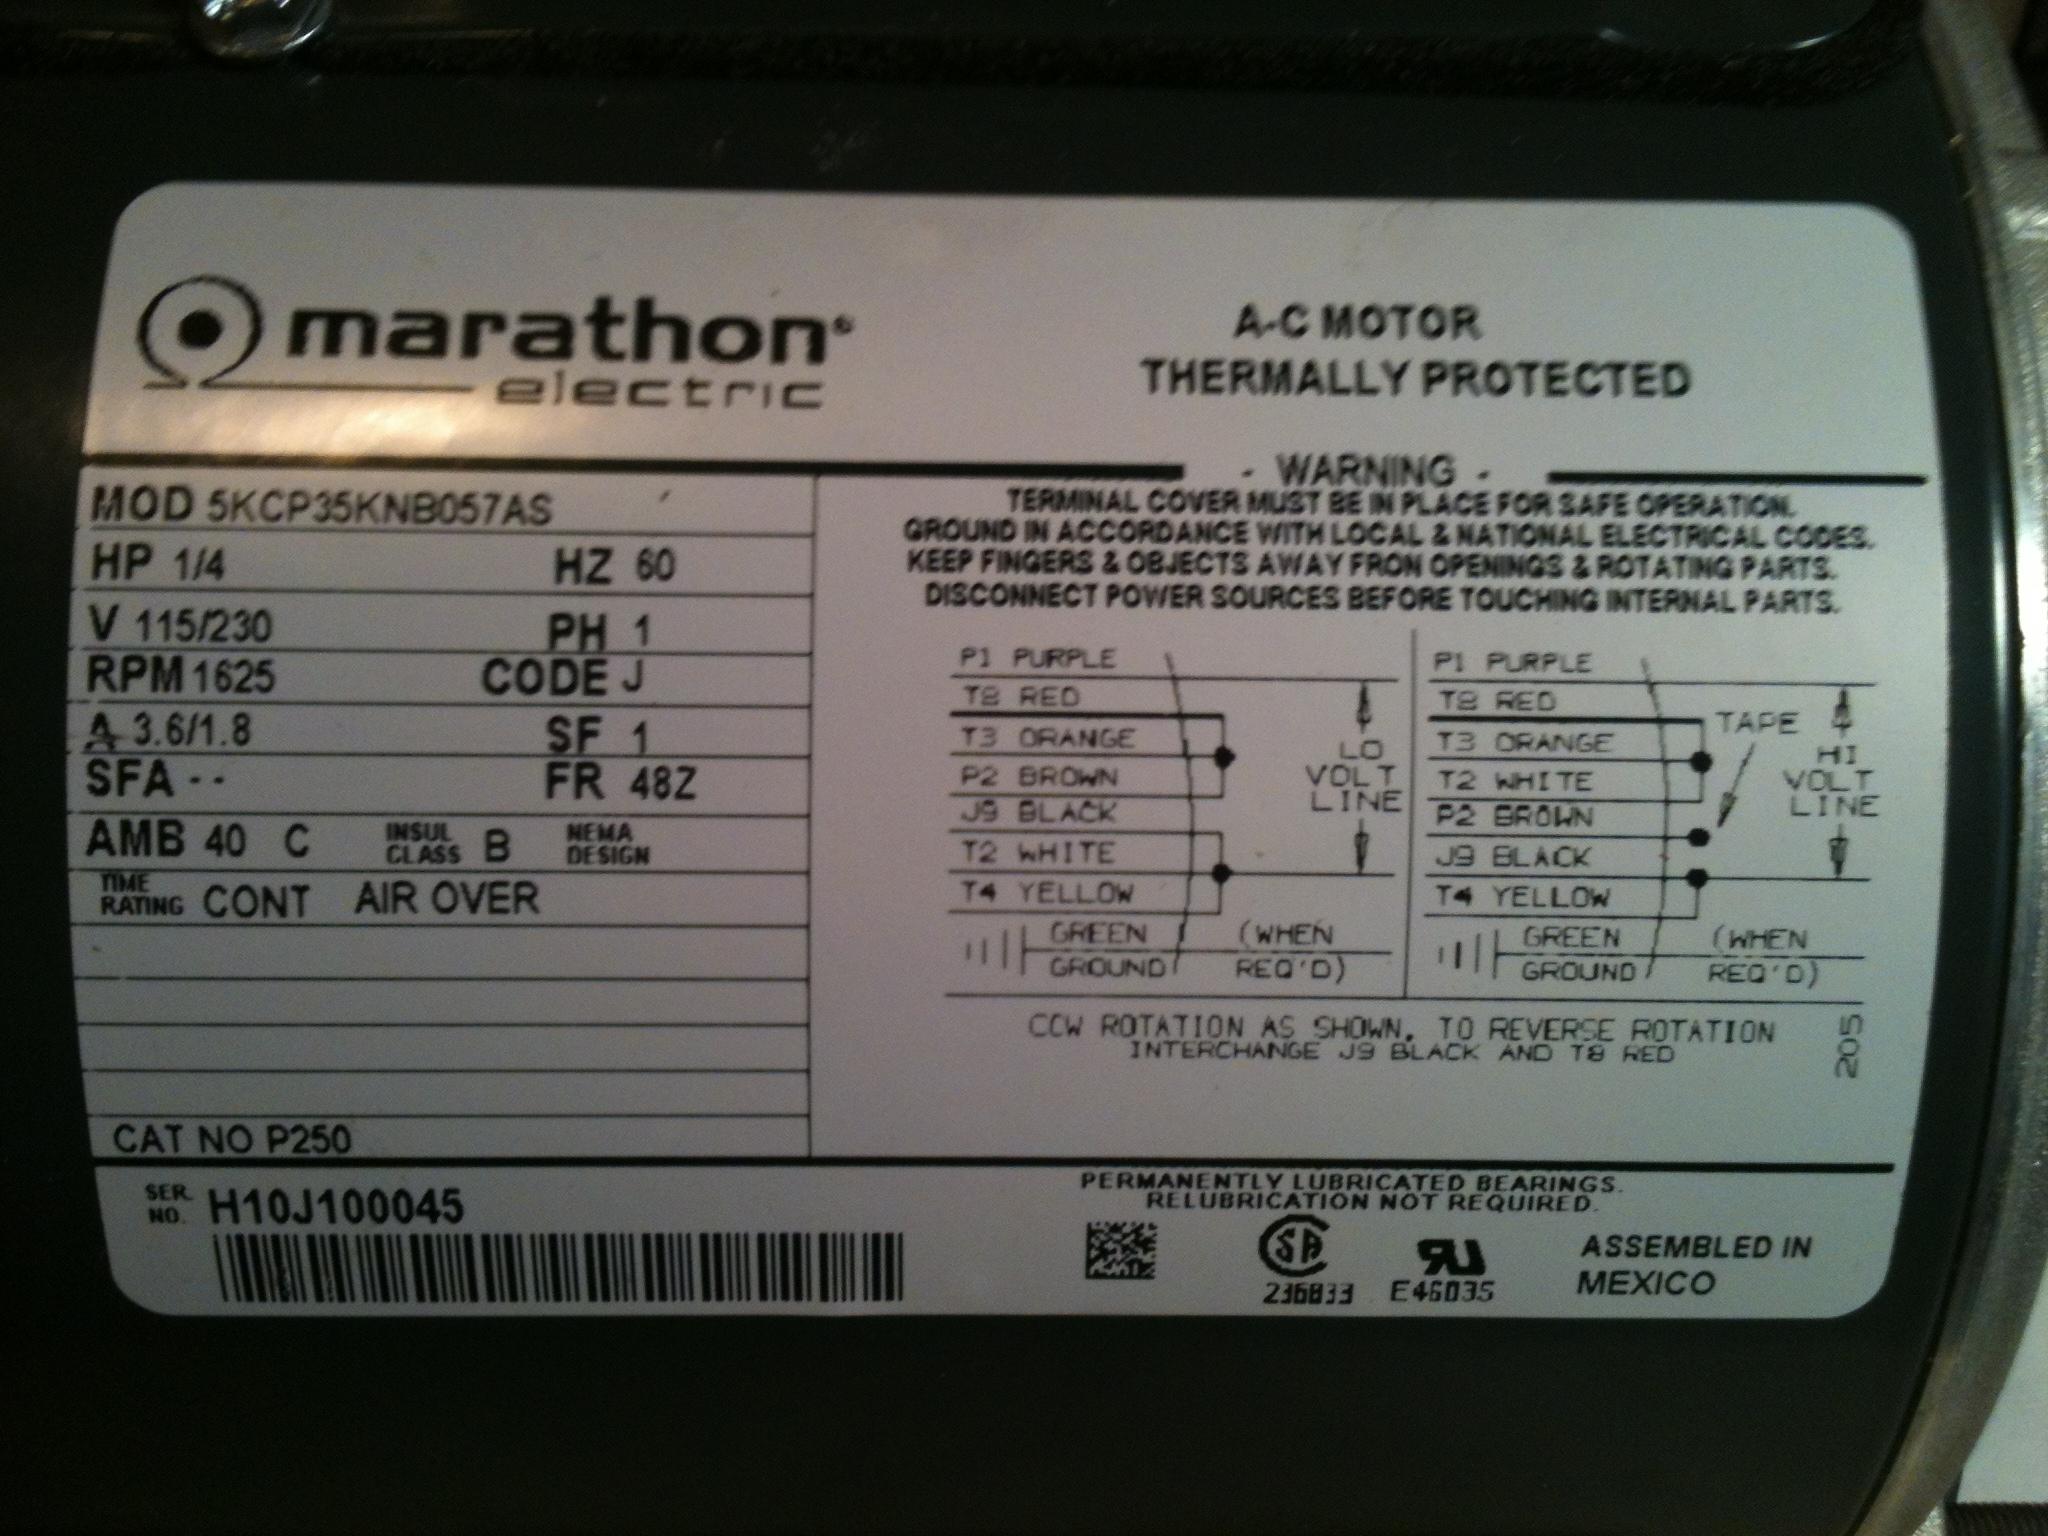 marathon electric motor wiring diagram problems motorssite org rh motorssite org marathon electric motor wiring diagram problems Motor Reversing Switch Wiring Diagram